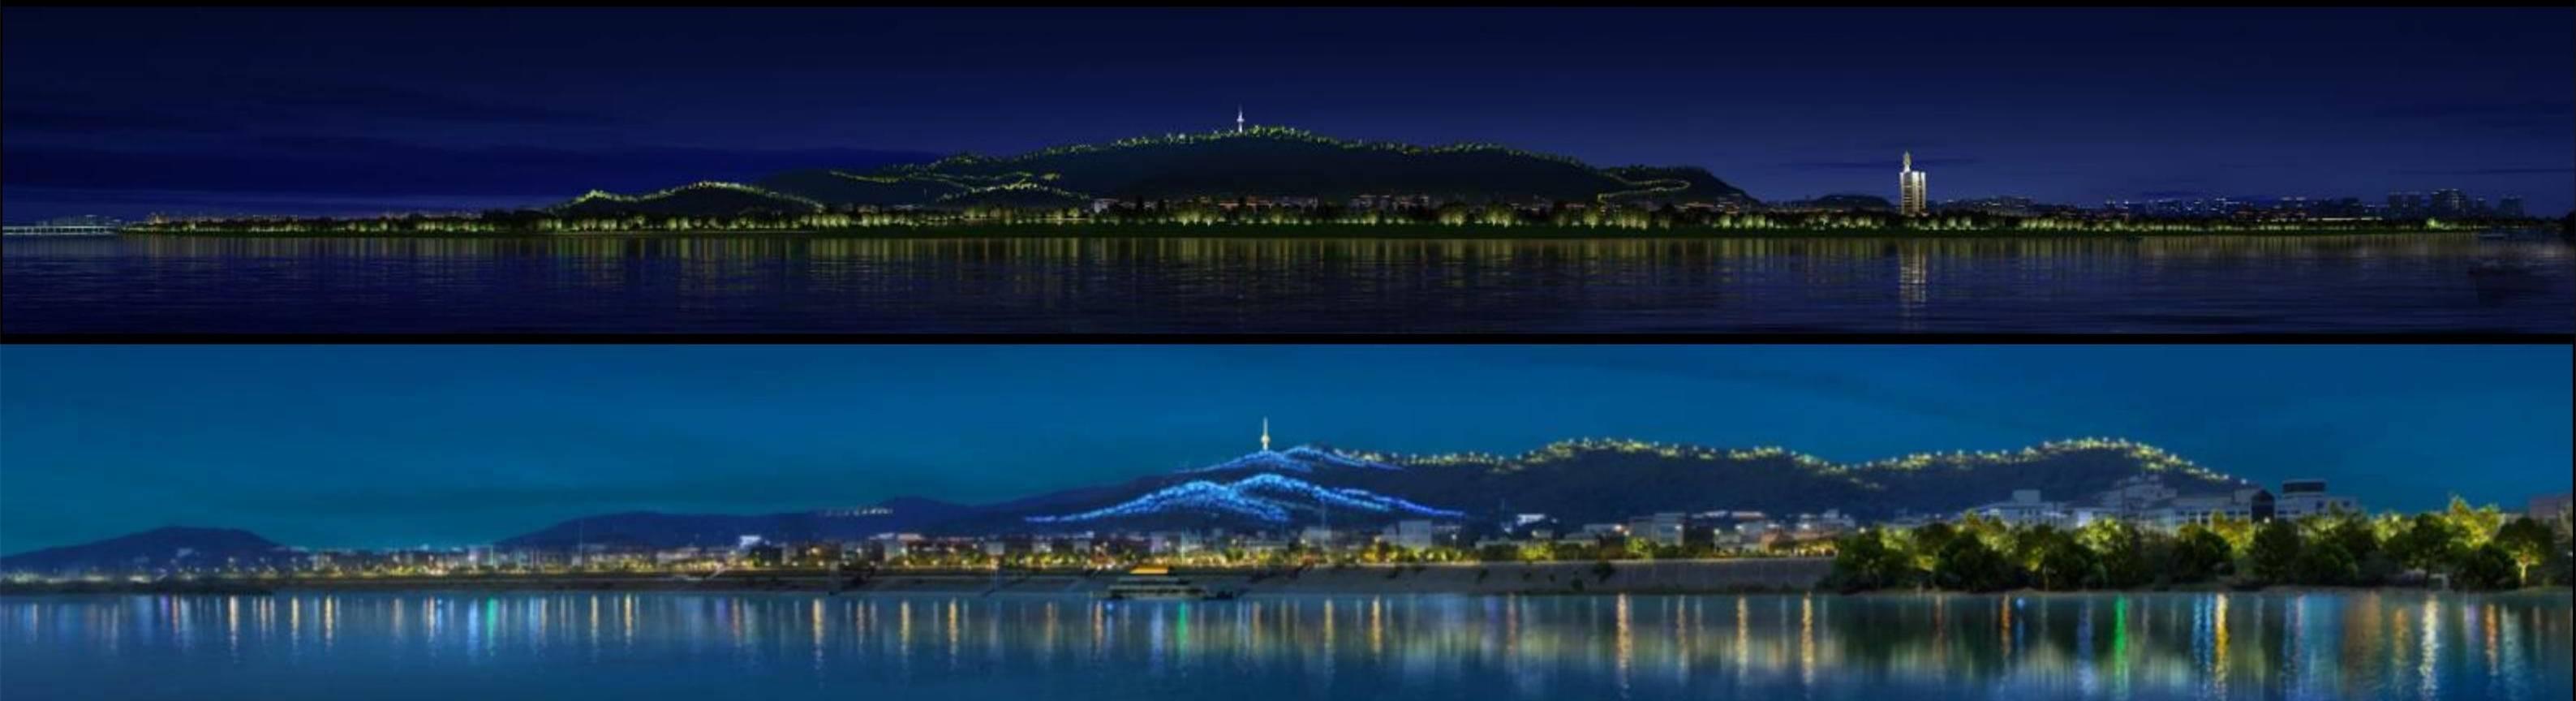 """夜长沙将更好看,长沙将实施""""一江两岸""""城市照明提质"""